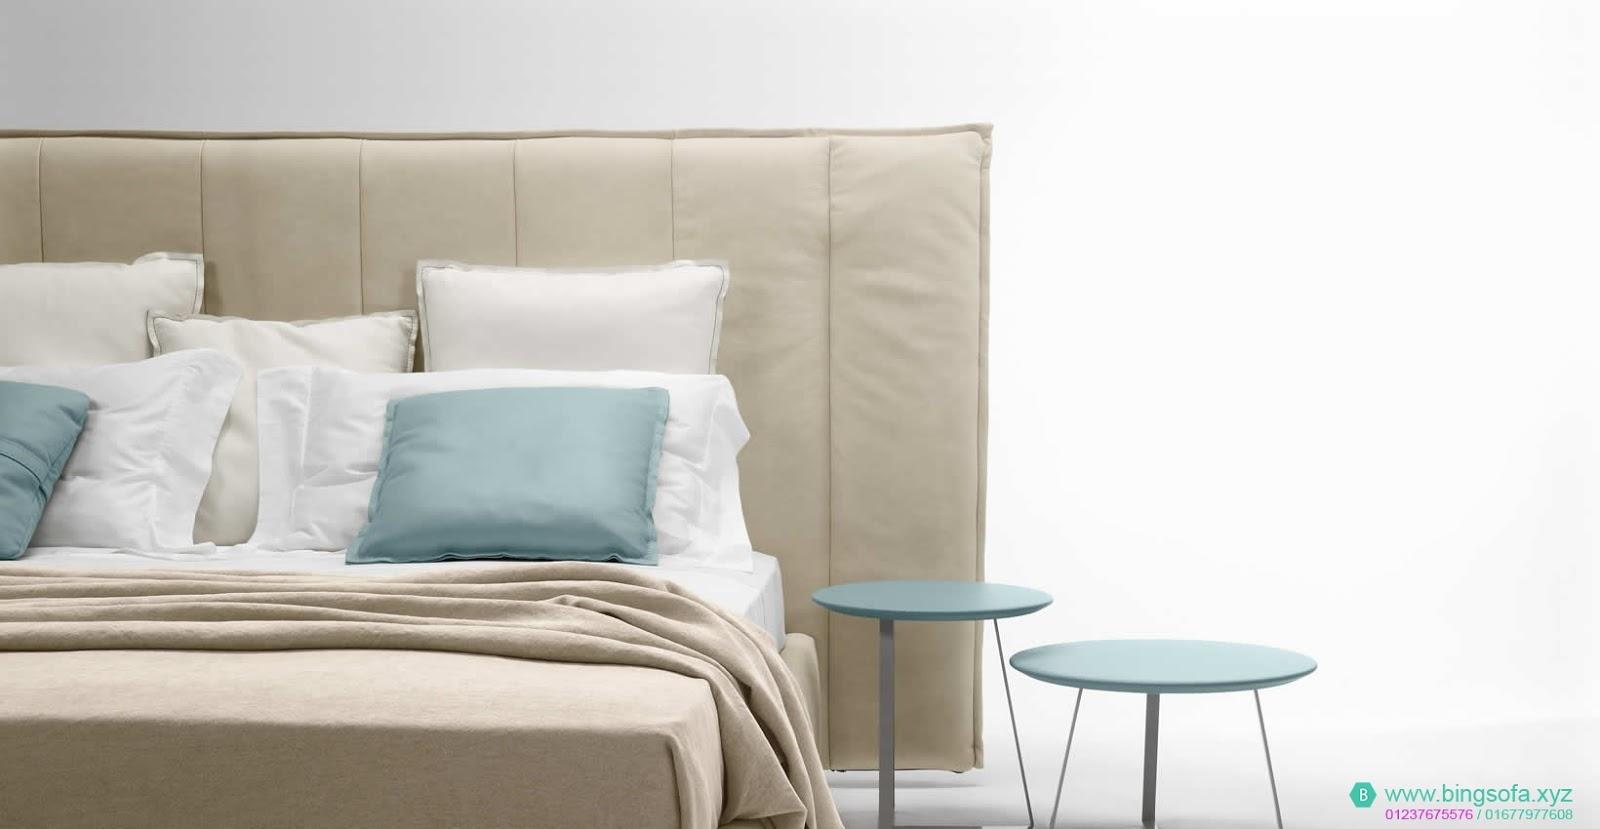 Mẫu giường ngủ bọc nệm vải GN31